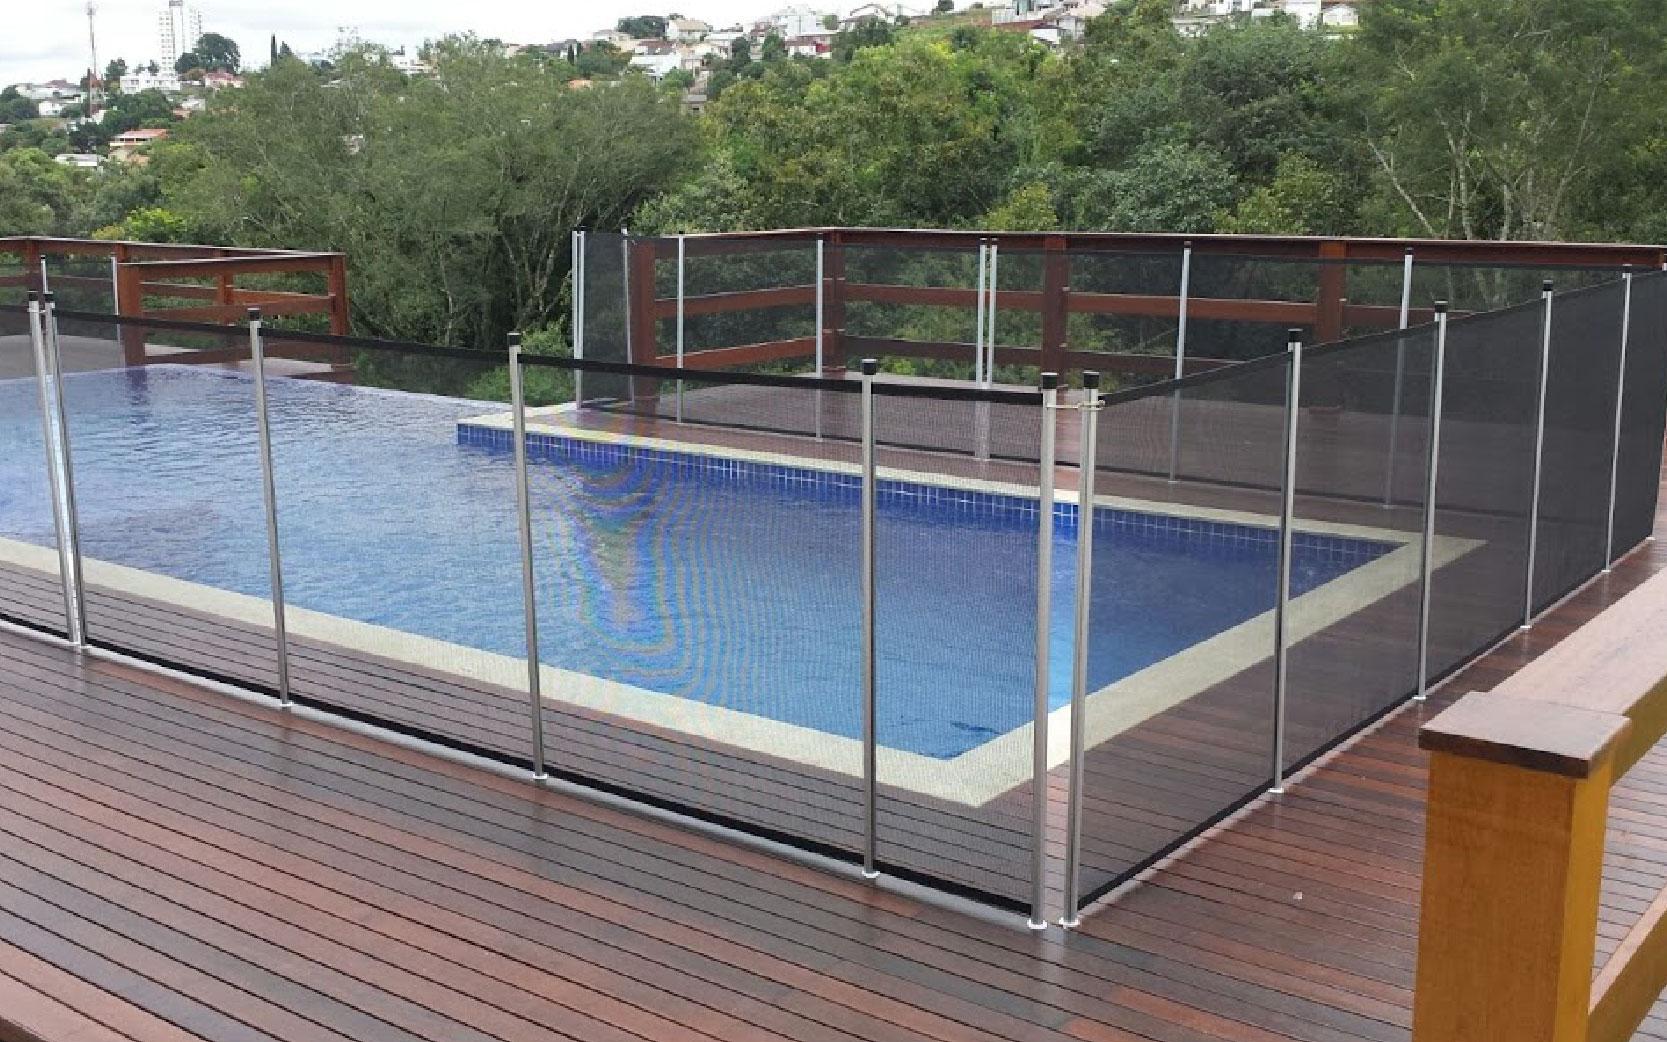 cerca_segurança_piscina-04